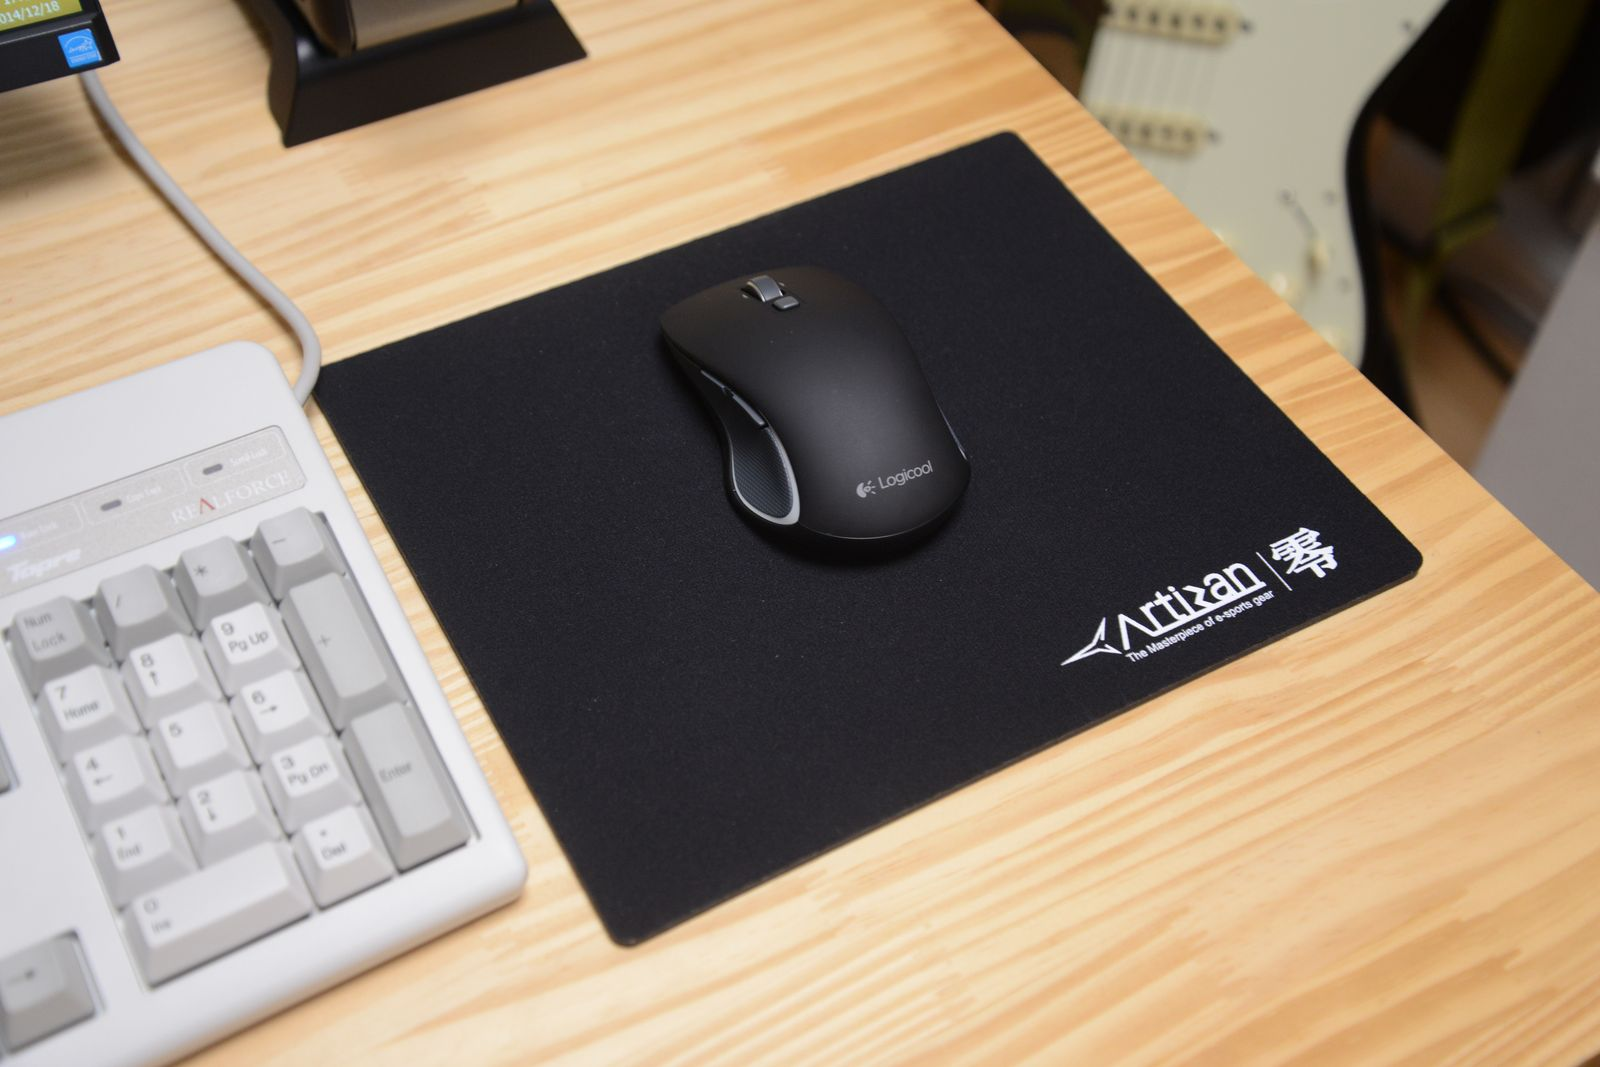 ロジクールのM560BKをワイヤレスで使ってみたが、実に快適。ちなみにマウスパッドは私物、私の愛用品